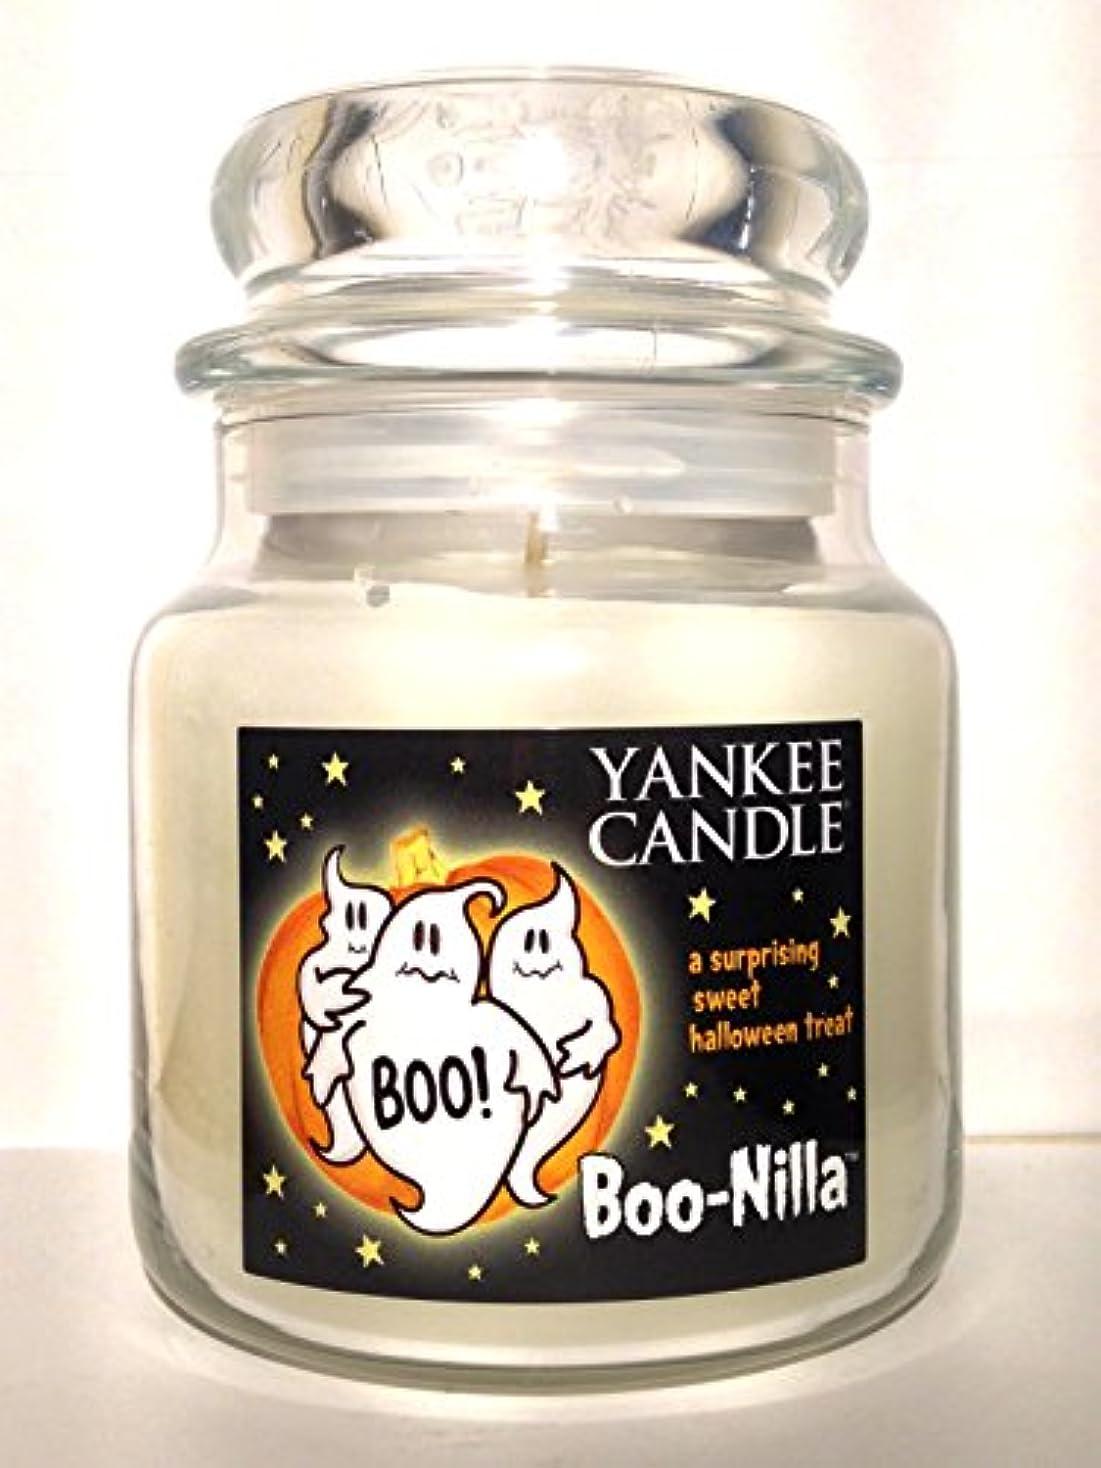 温室無礼に船外Yankee Candle boo-nilla Boonilla Vanilla Marshmallow香りHalloween Candle